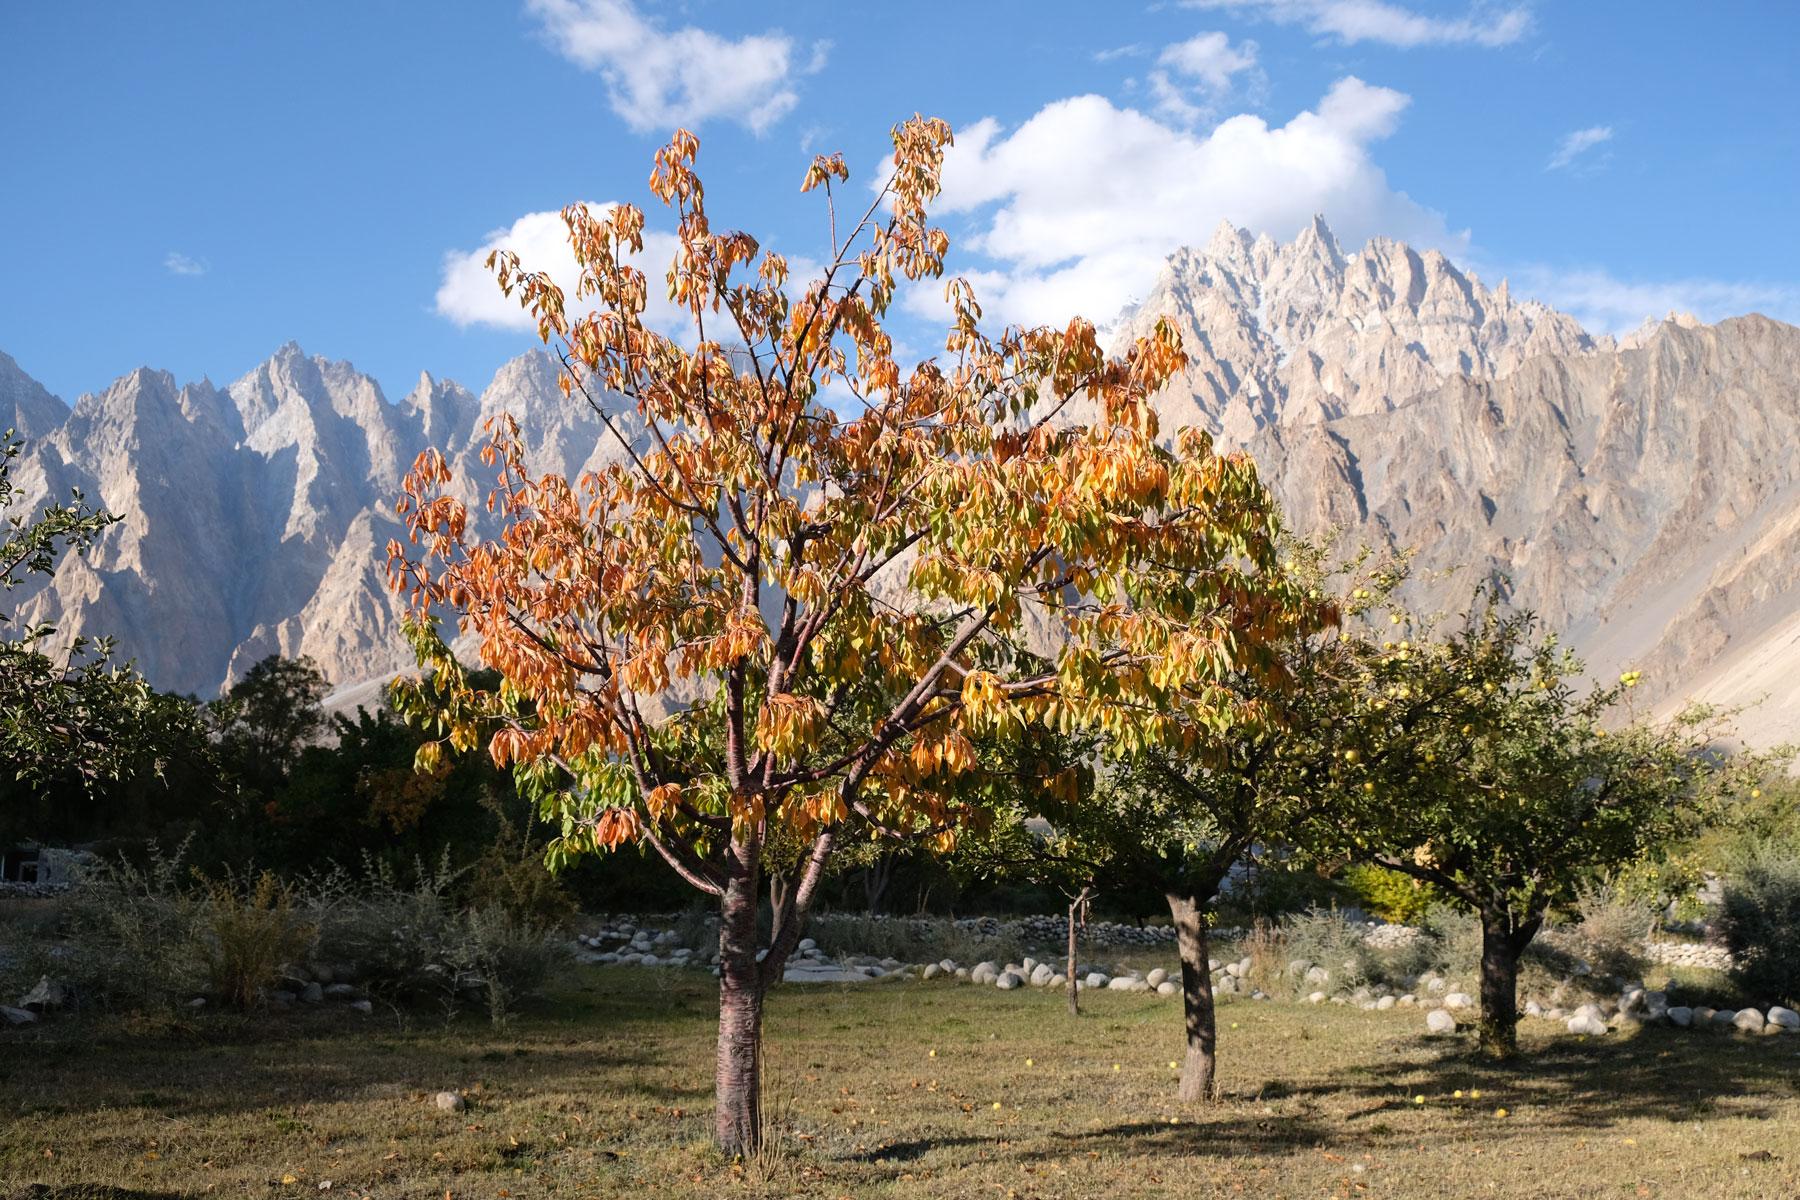 Auch die Apfelbäume tragen hier reichlich Früchte...